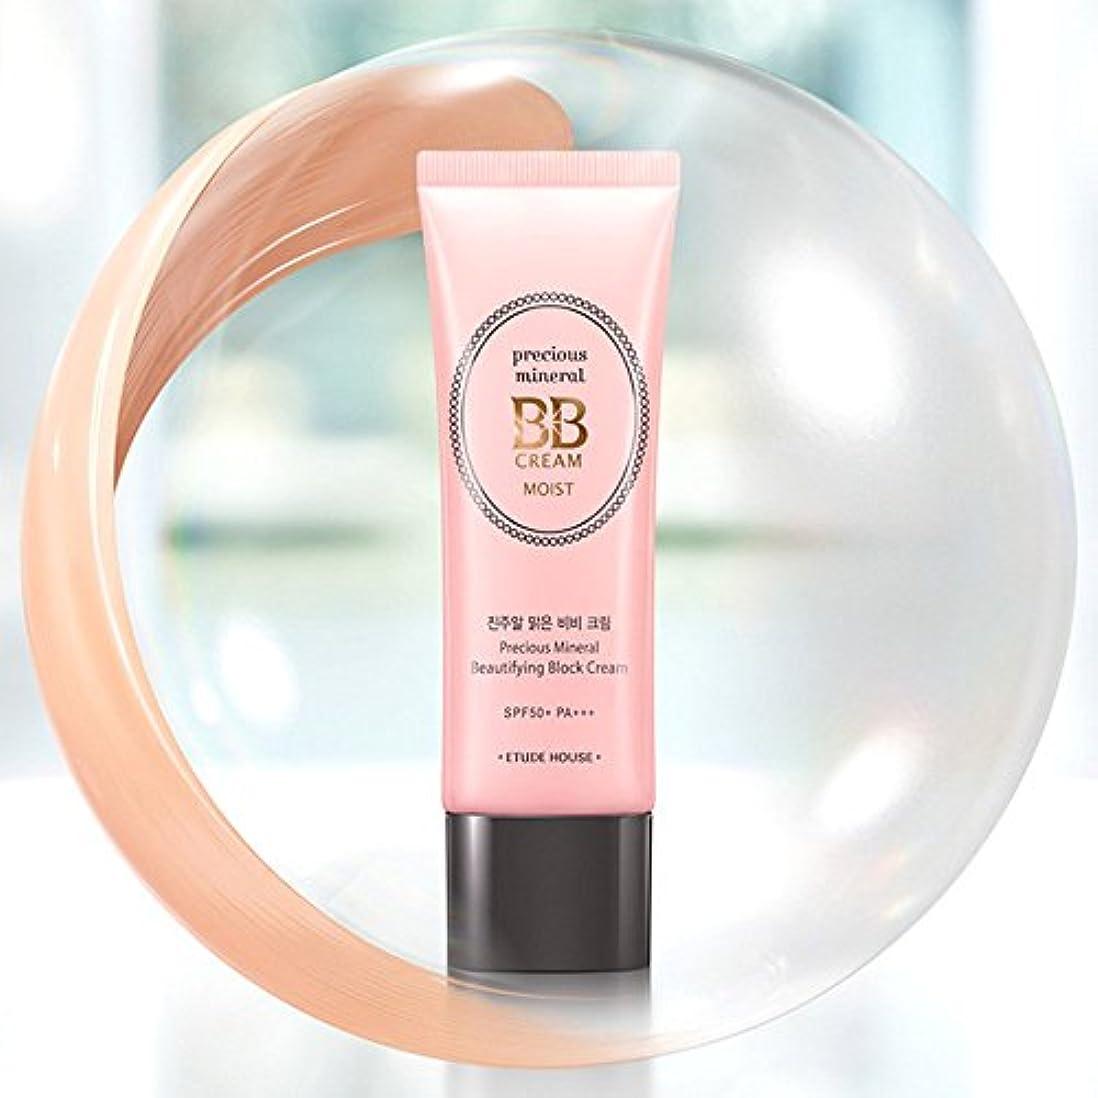 小康効率的専らETUDE HOUSE Precious Mineral BB Cream Moist [Vanilla] SPF50+ PA+++ エチュードハウス プレシャスミネラルBBクリーム モイスト [バニラ] SPF50 + PA +++ [2017 NEW] [並行輸入品]